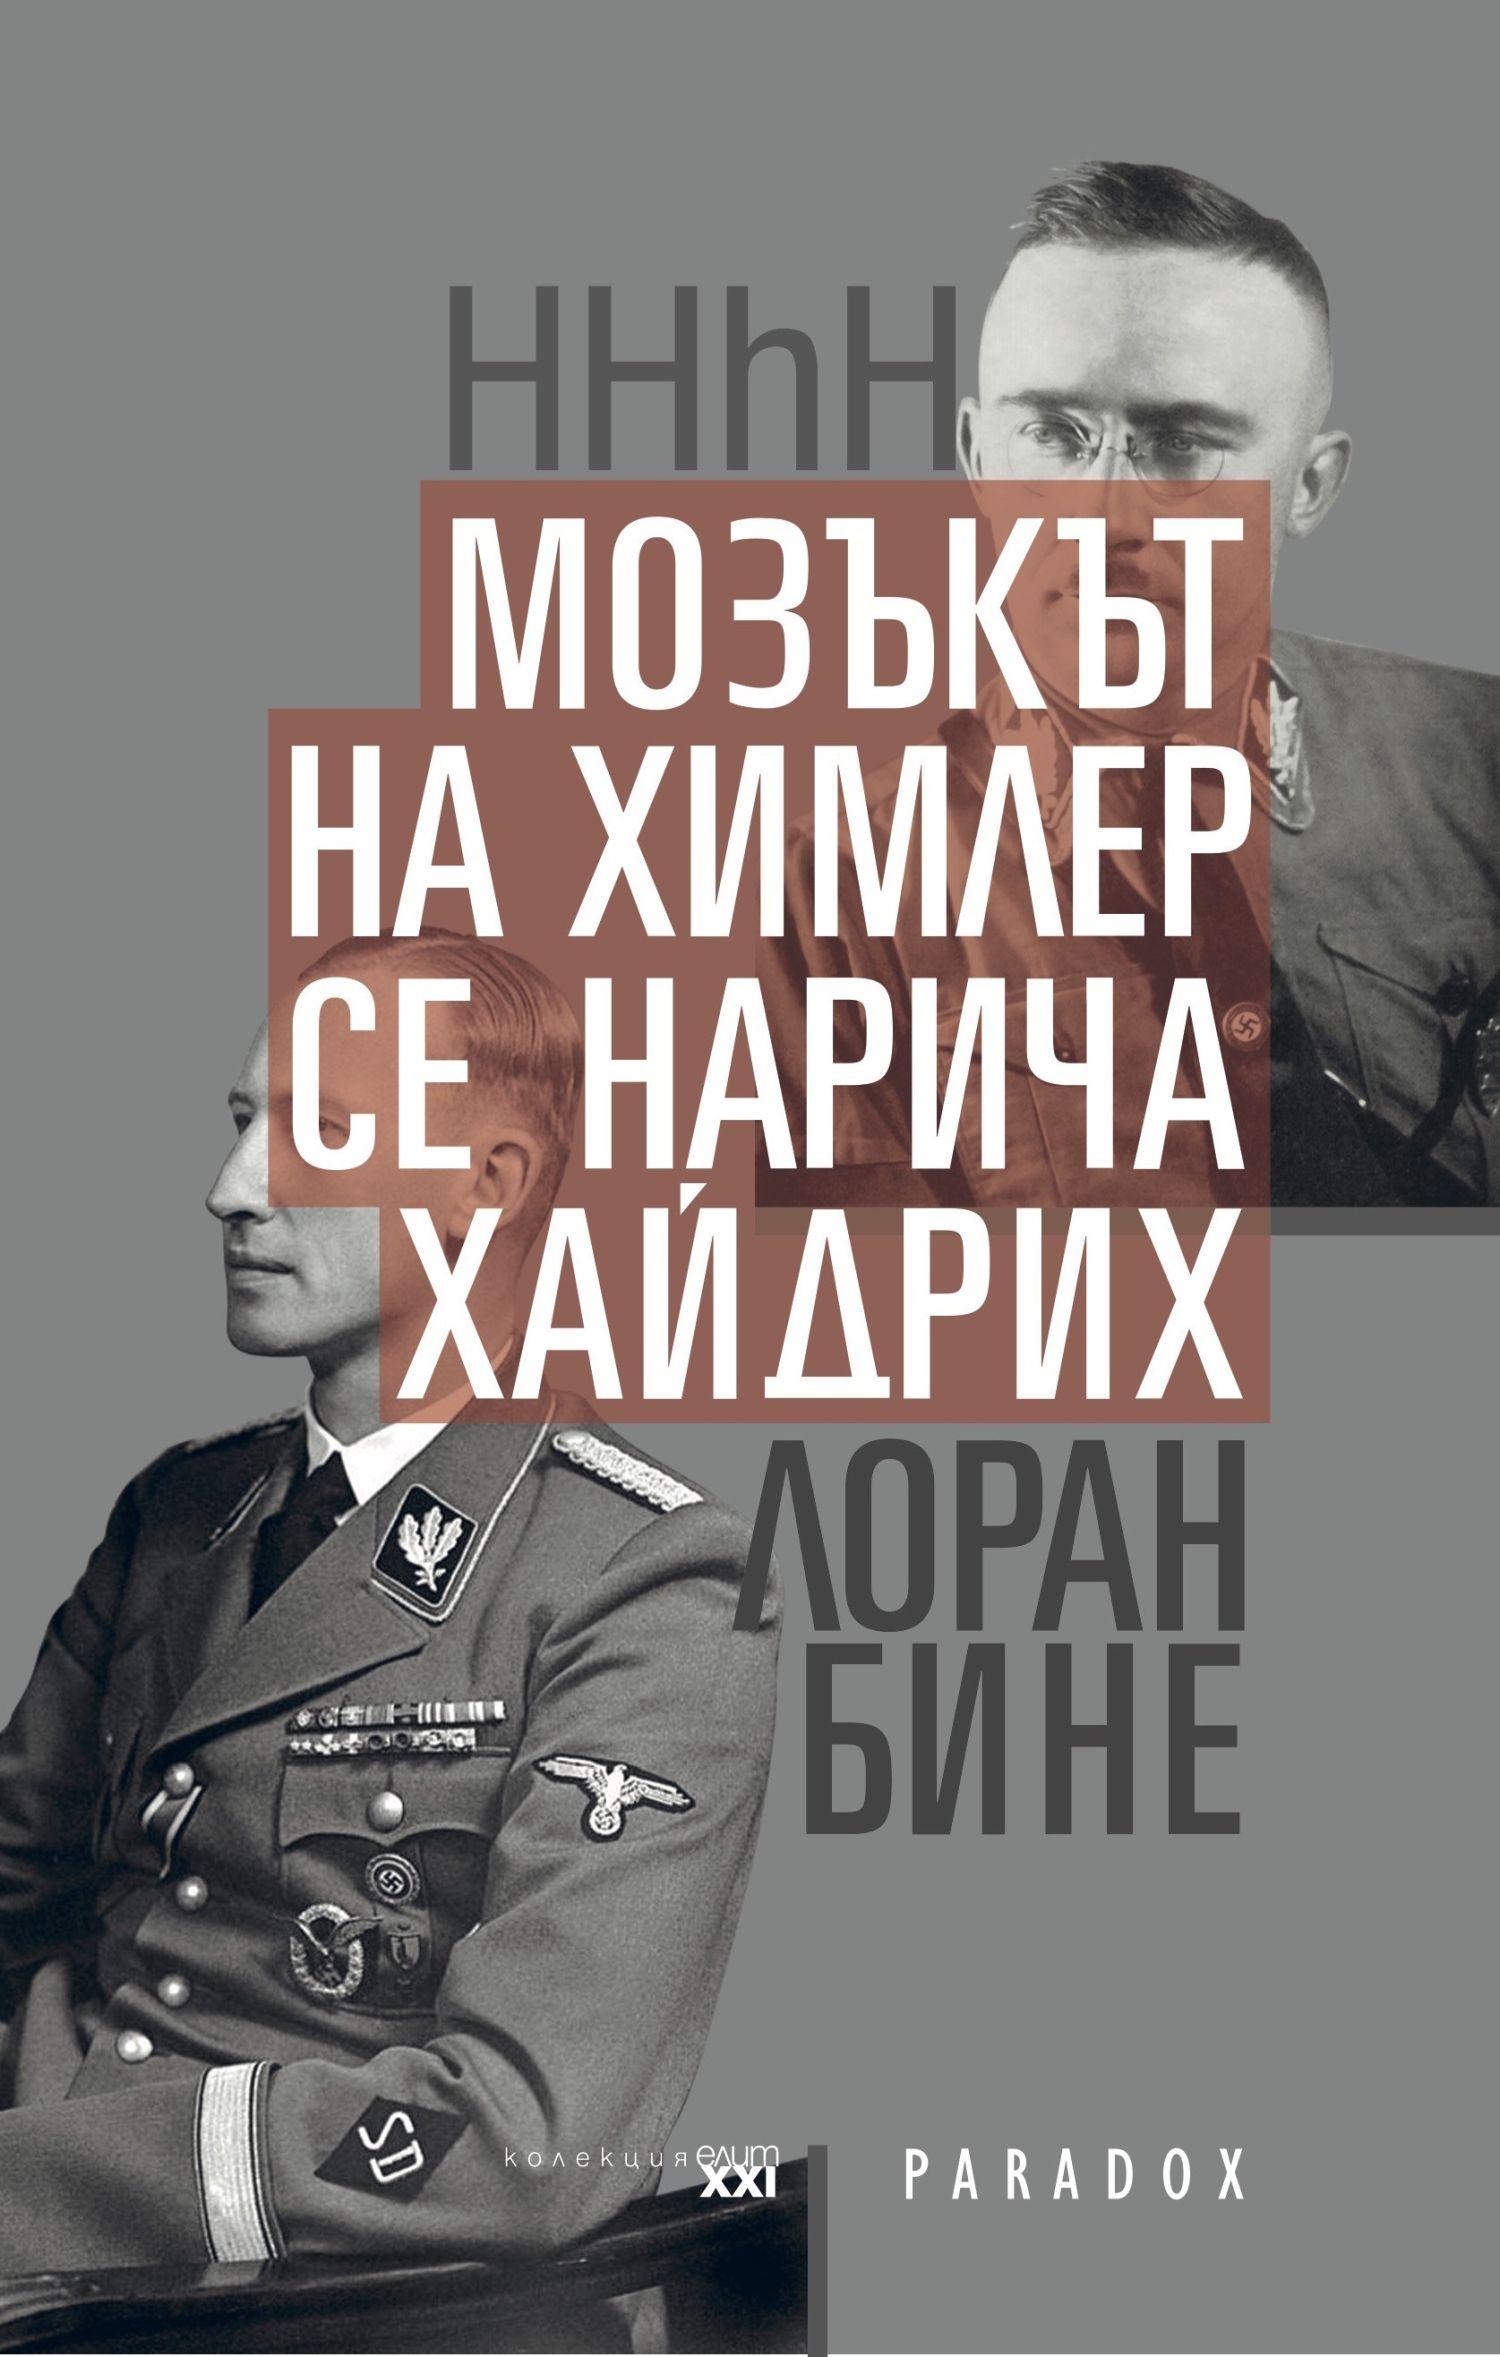 HHhH (Мозъкът на Химлер се нарича Хайдрих) - 1